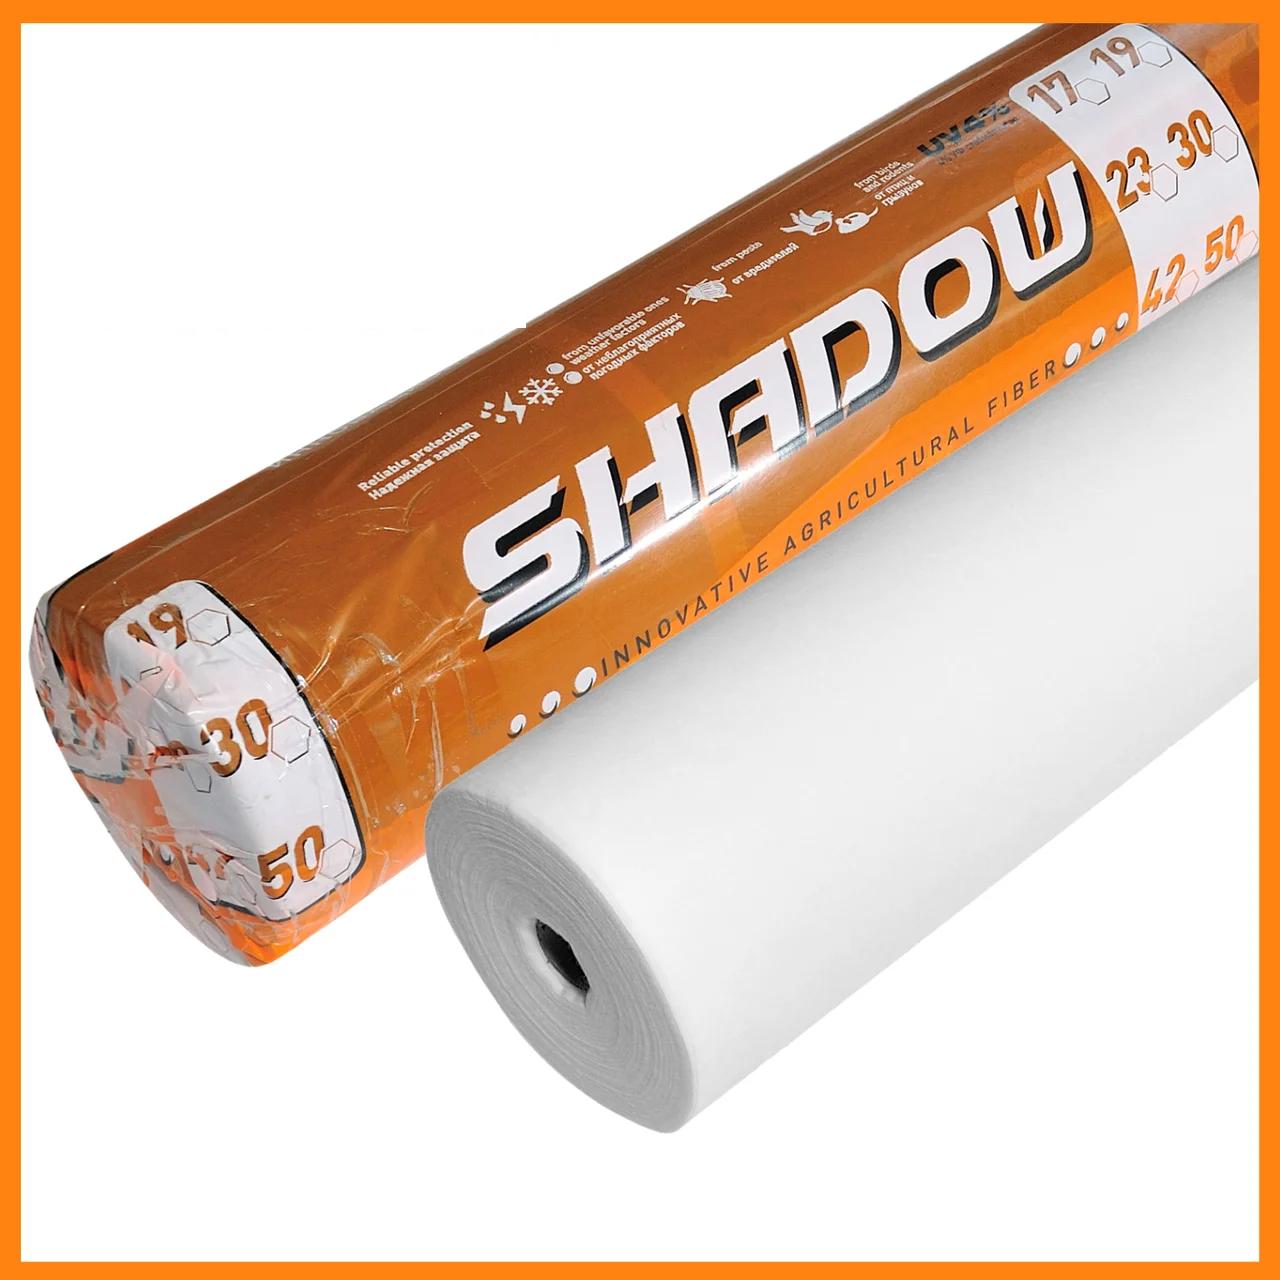 """Агроволокно біле 23 г/м2 10.5 х 100 м. """"Shadow"""" (Чехія) 4% біле агрополотно"""